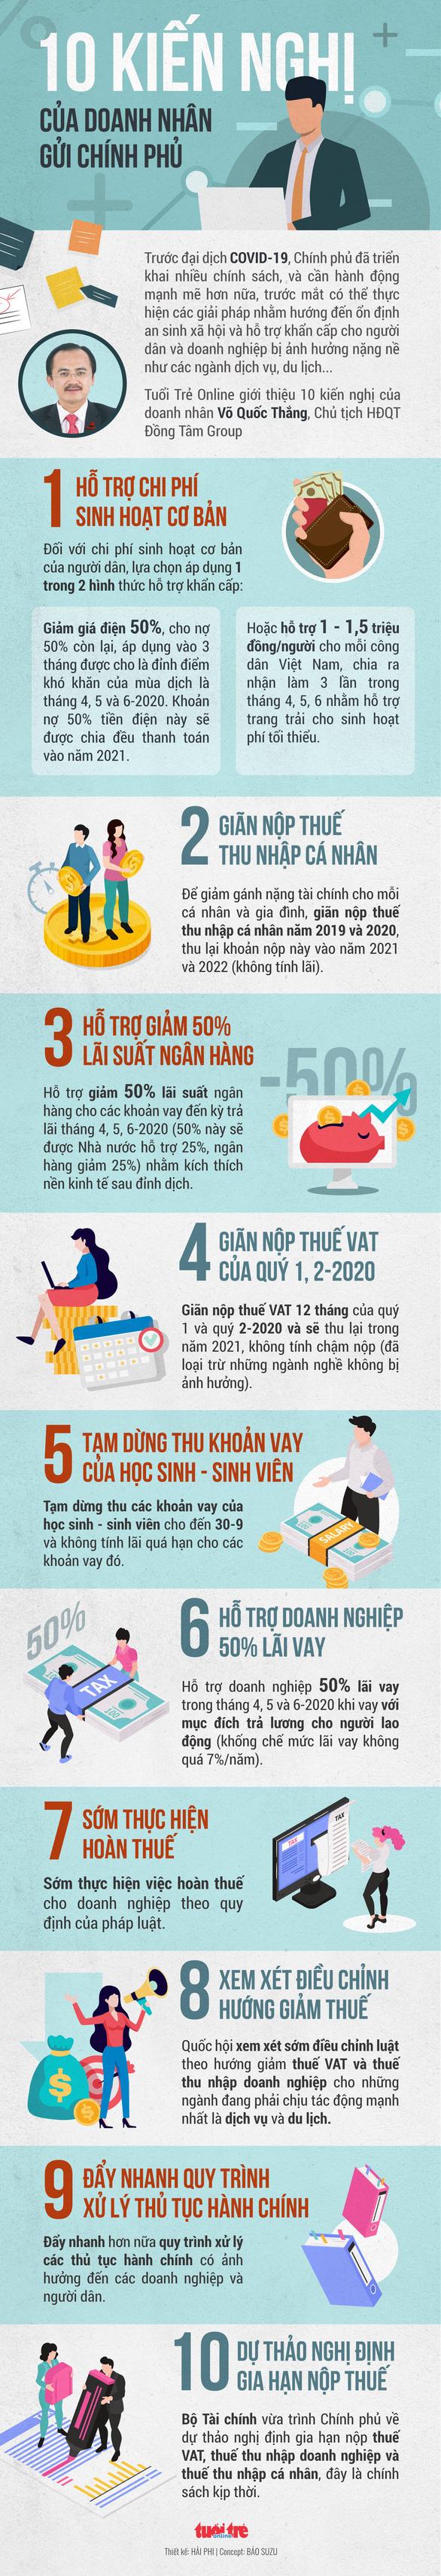 10 kiến nghị của Chủ tịch Đồng Tâm Group Võ Quốc Thắng - Ảnh 1.